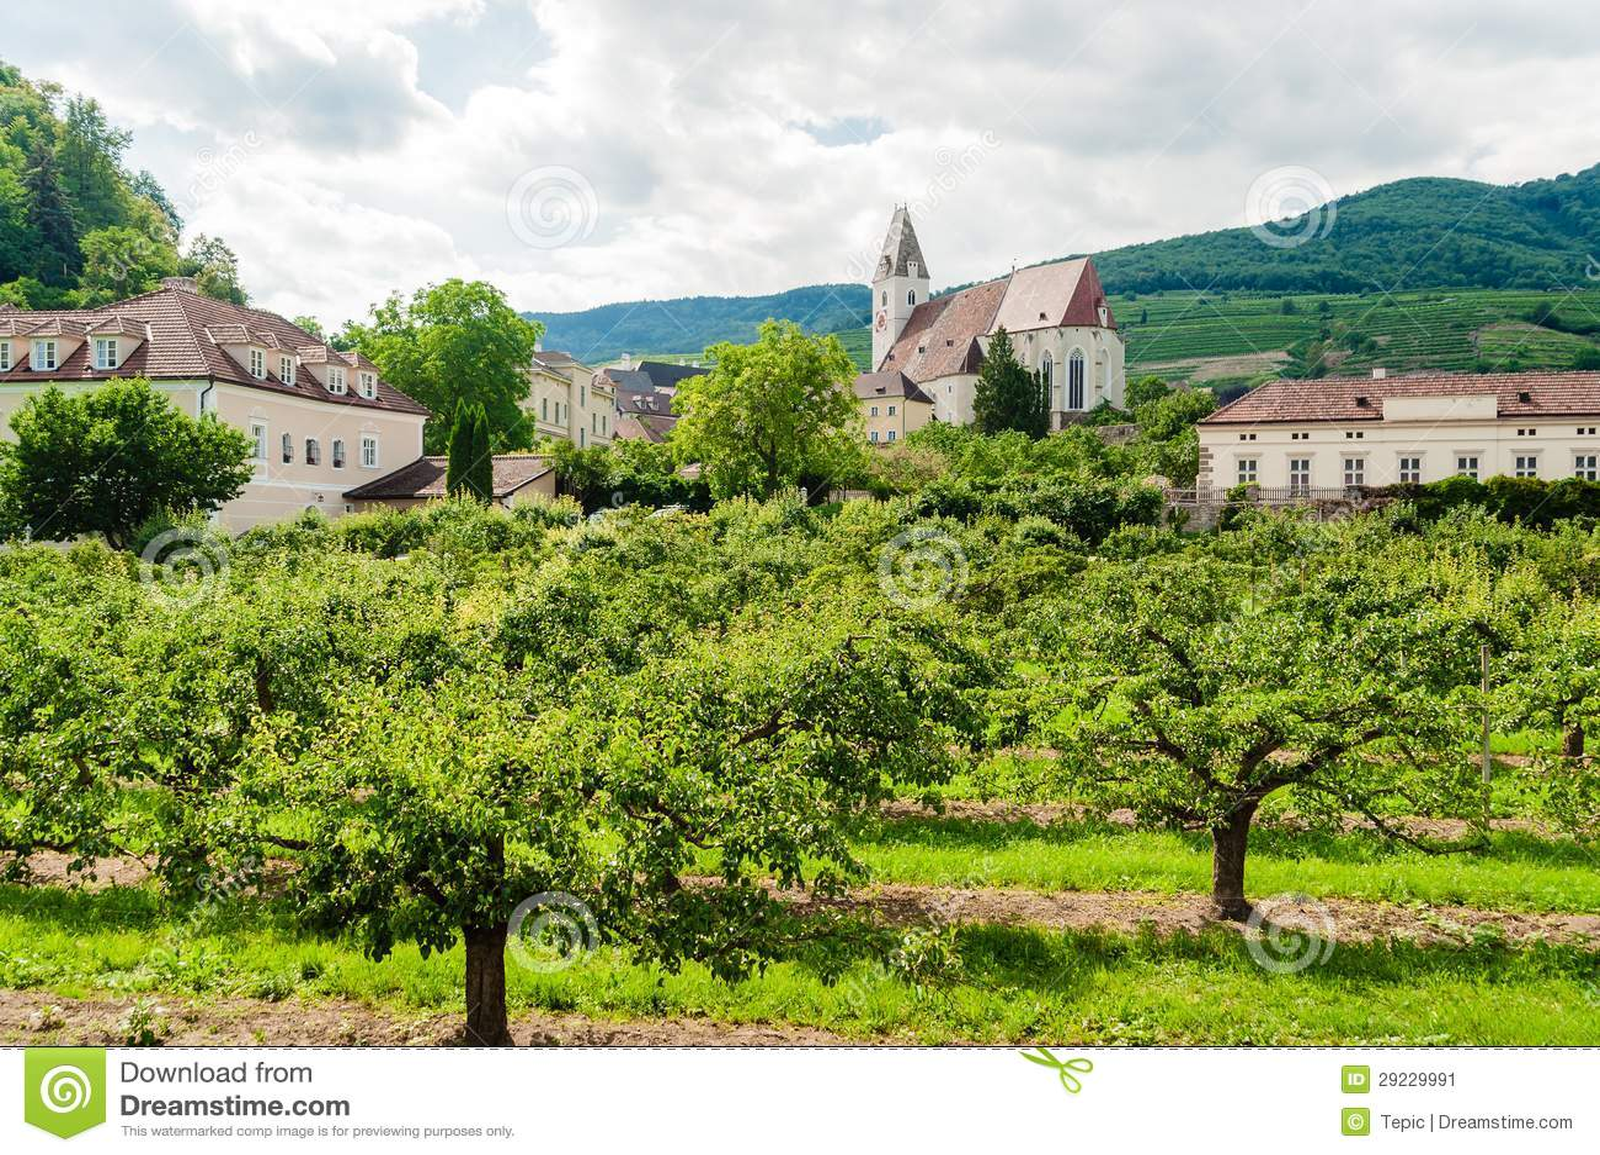 Download Vila cercada por árvores imagem de stock. Imagem de flora - 29229991